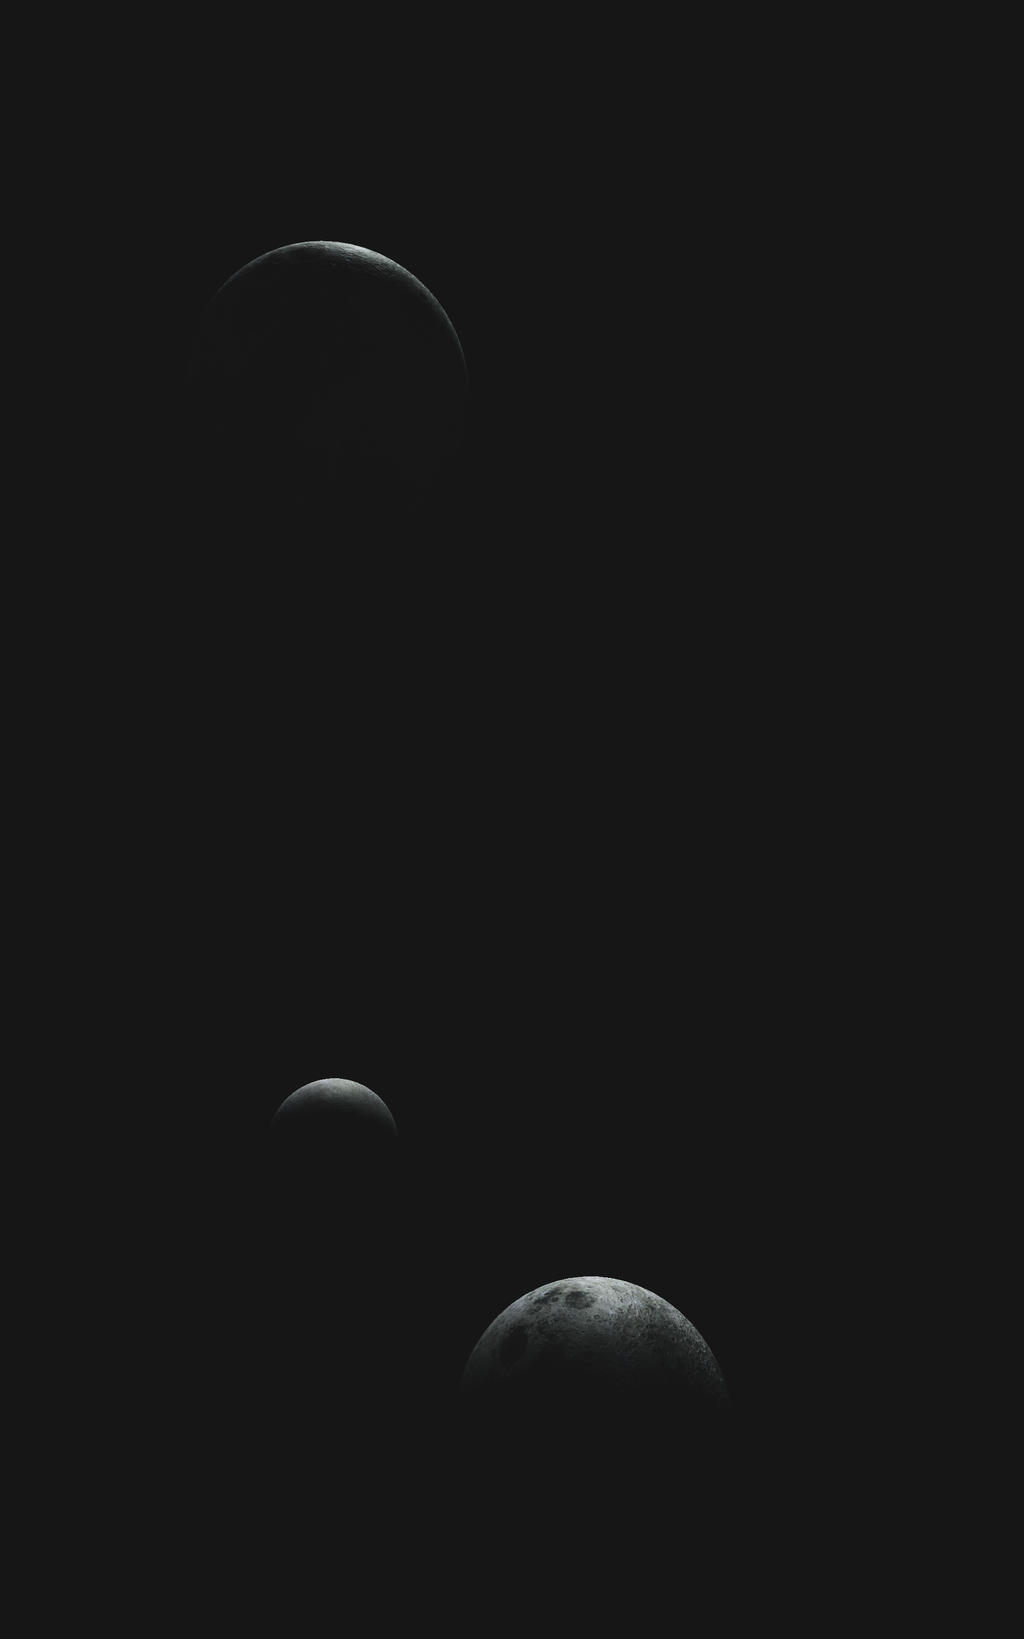 Dark Moons - 10102019